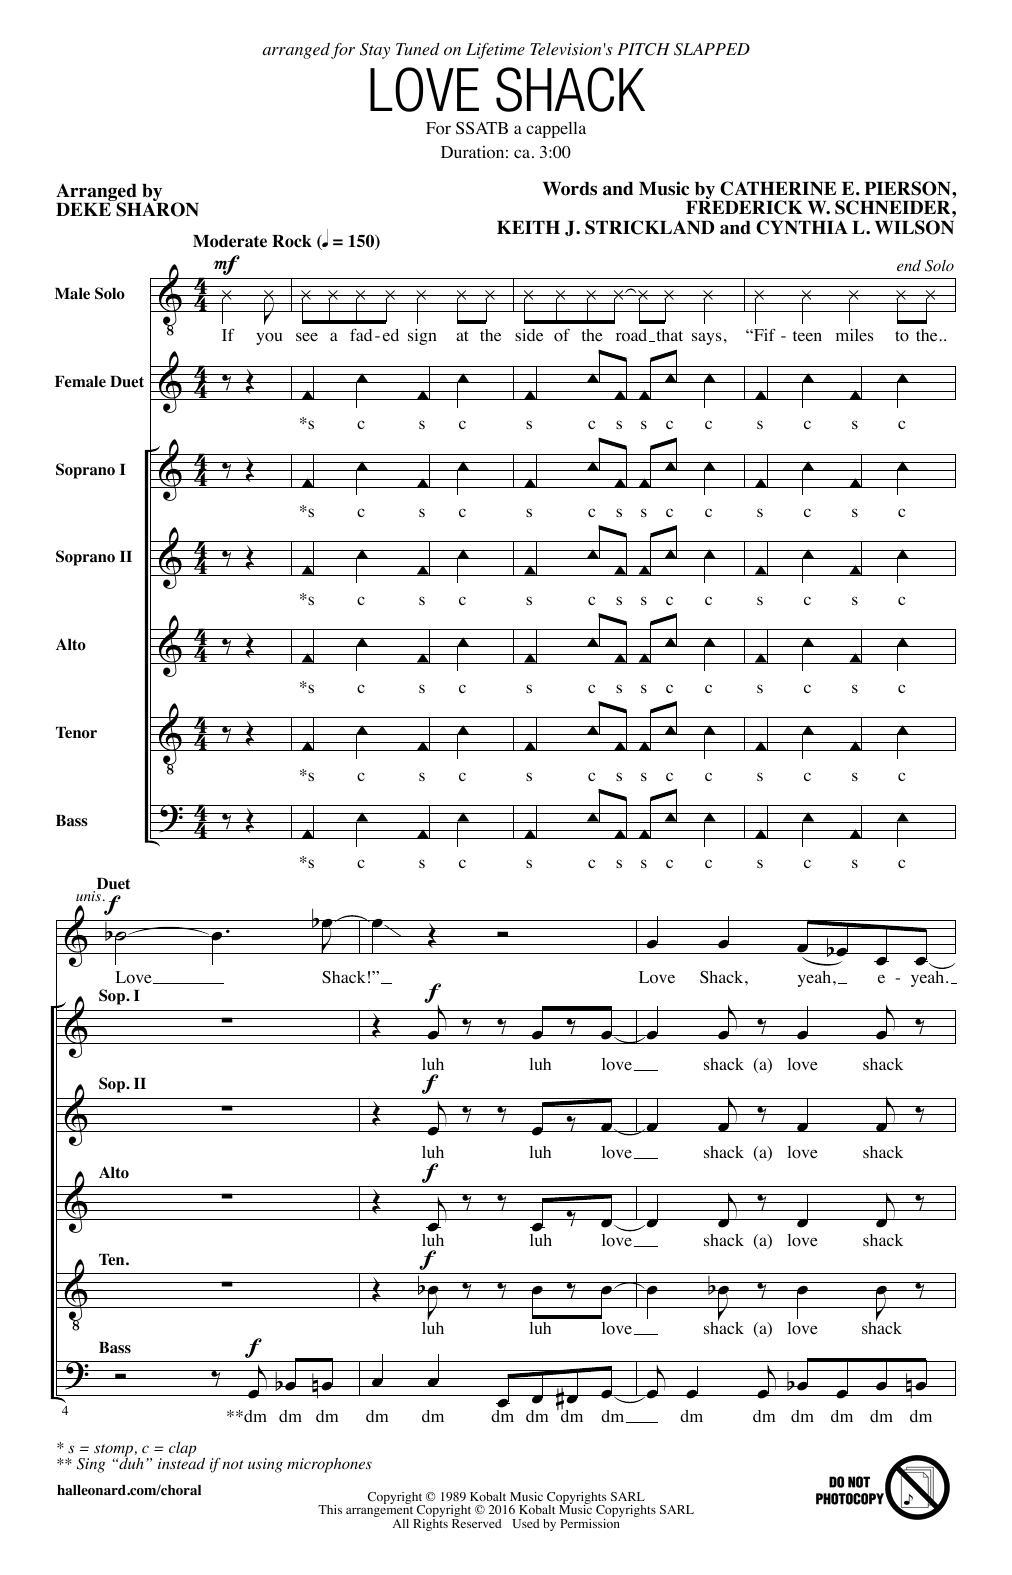 Partition chorale Love Shack (arr. Deke Sharon) de The B-52's - SSATB